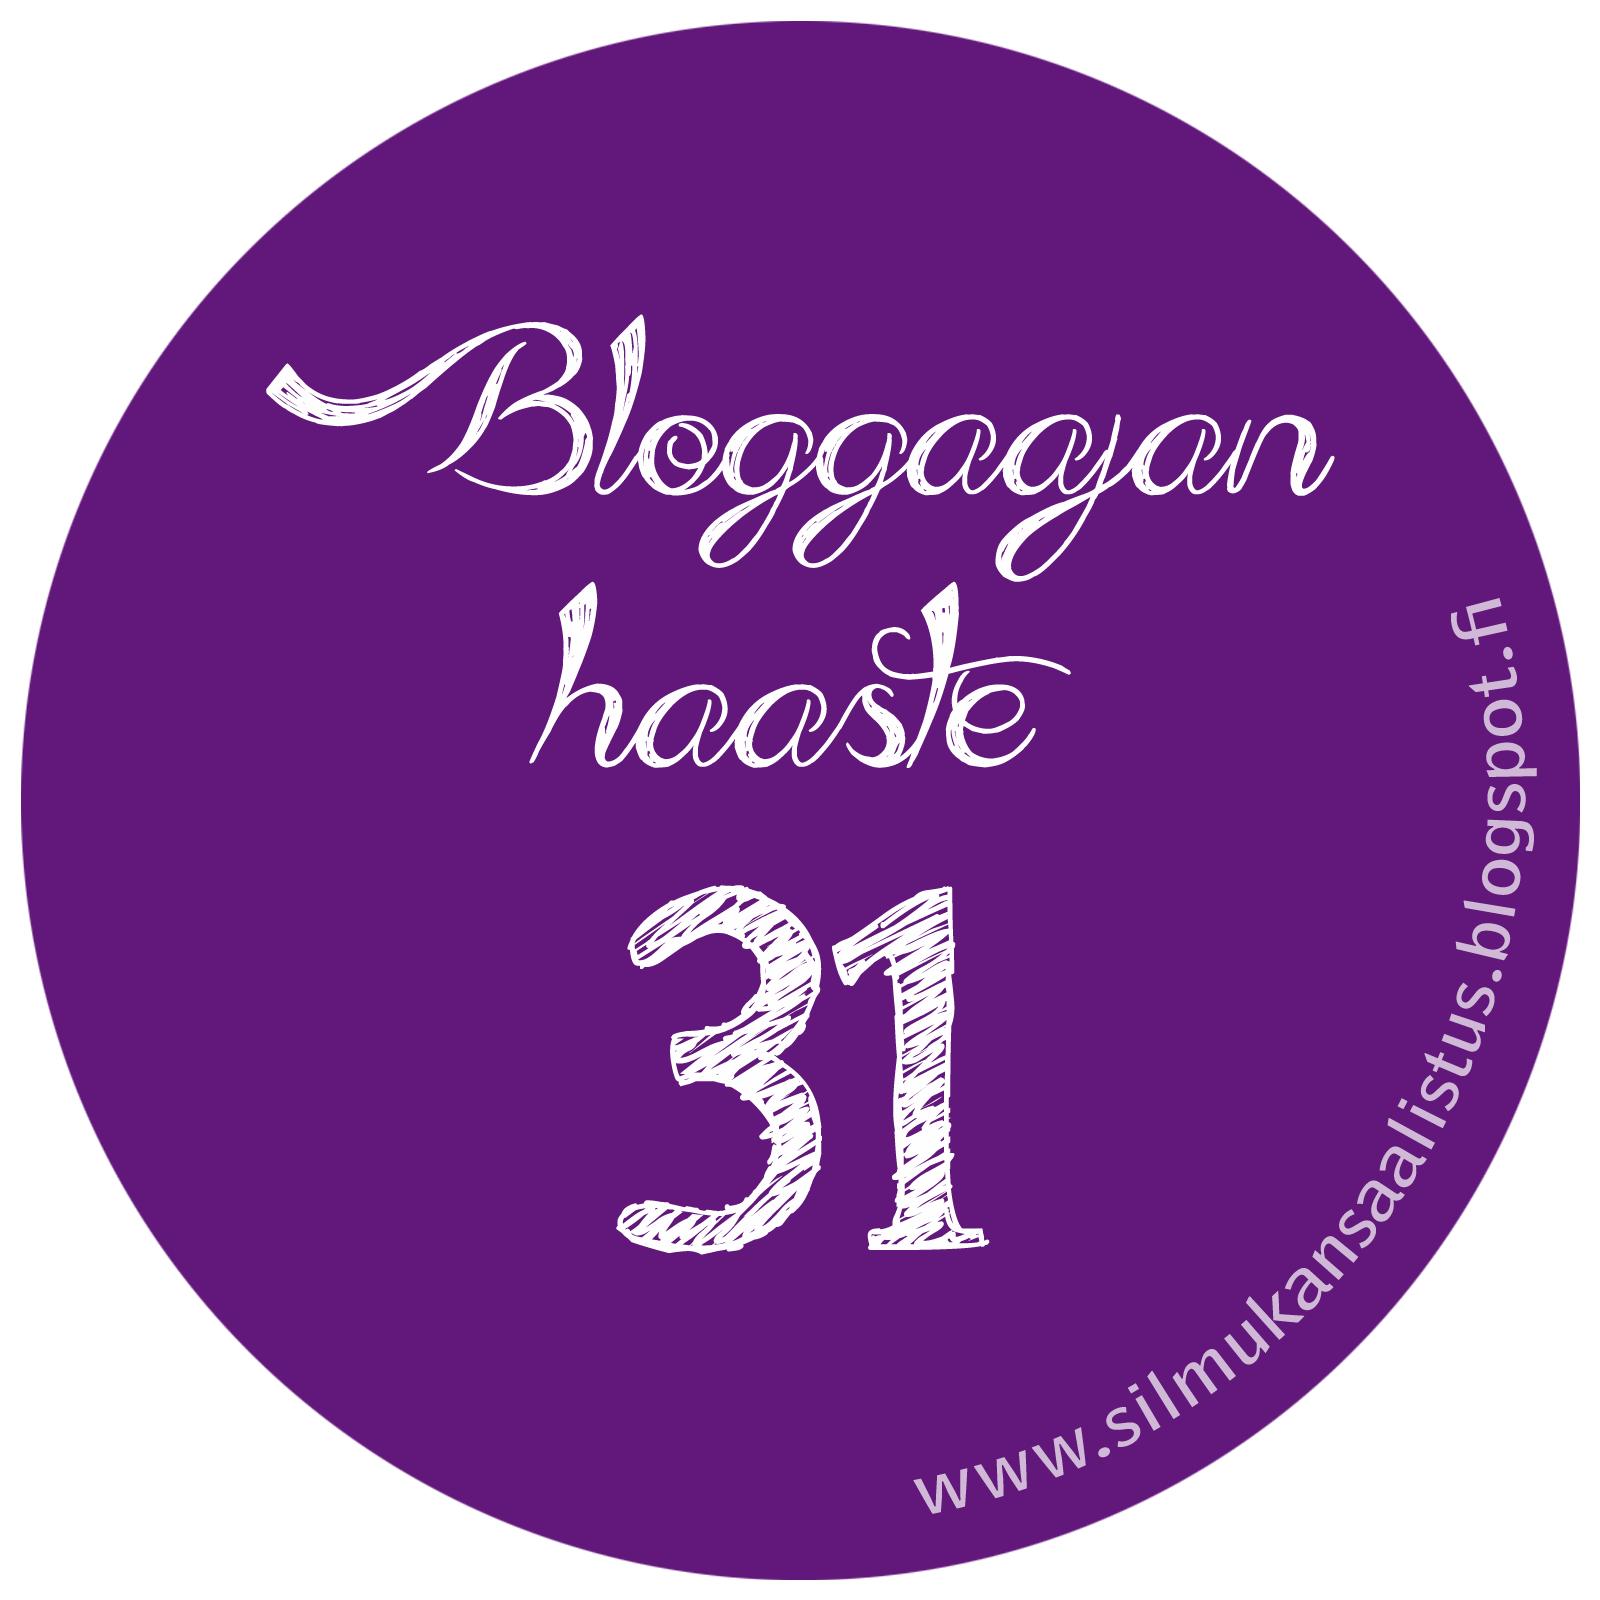 bloggaajan haaste